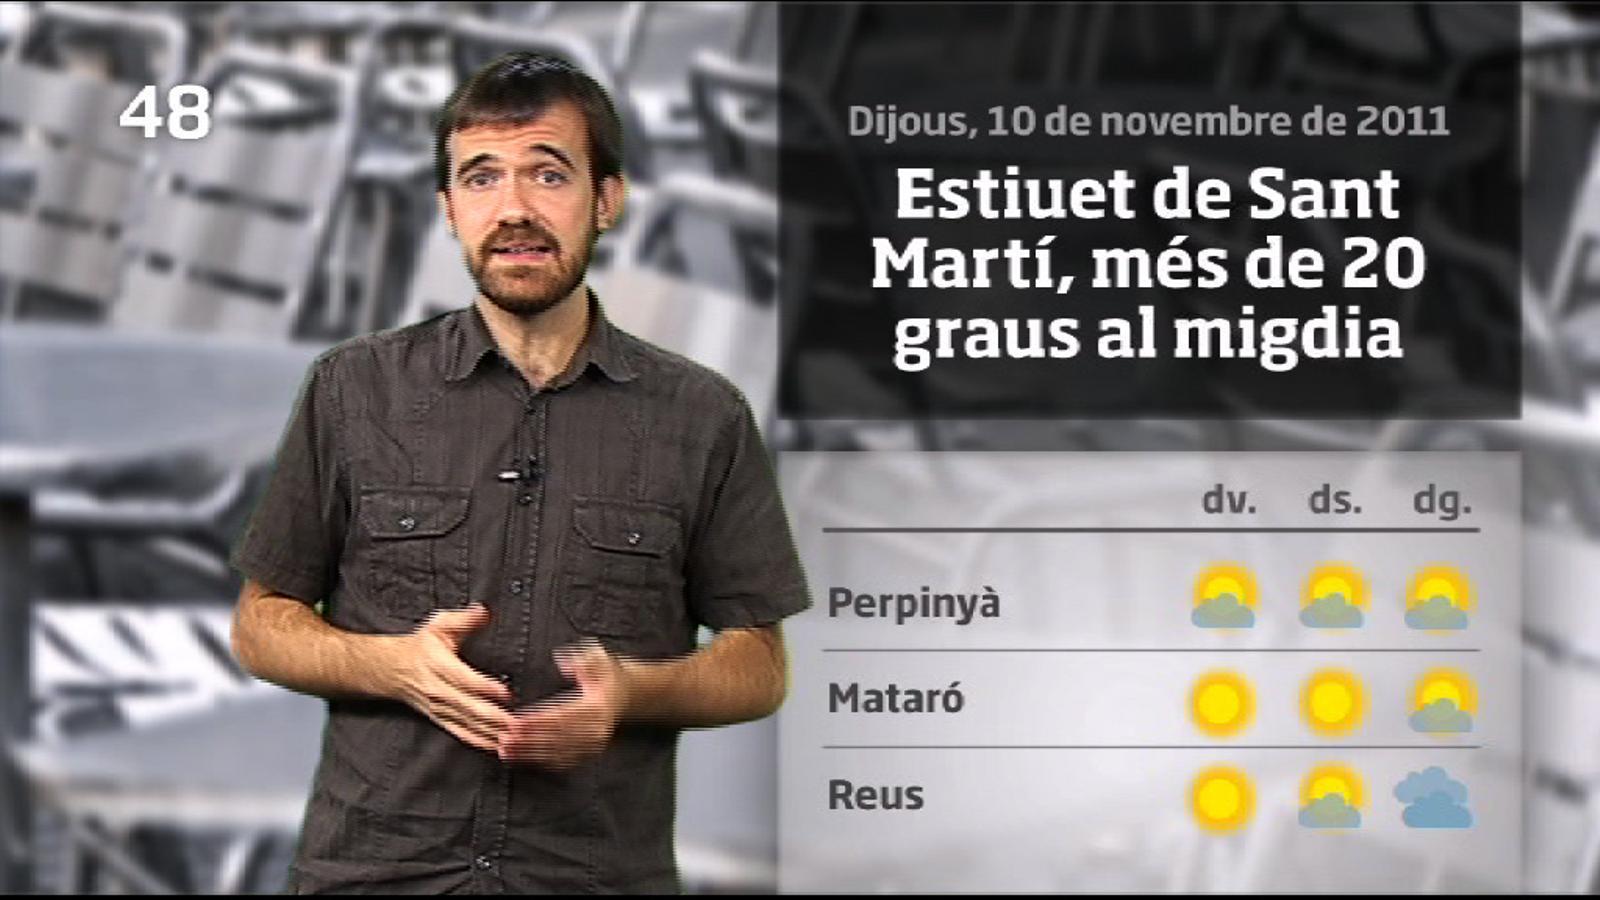 La méteo en 1 minut: estiuet de Sant Martí per començar el cap de setmana (11/11/2011)